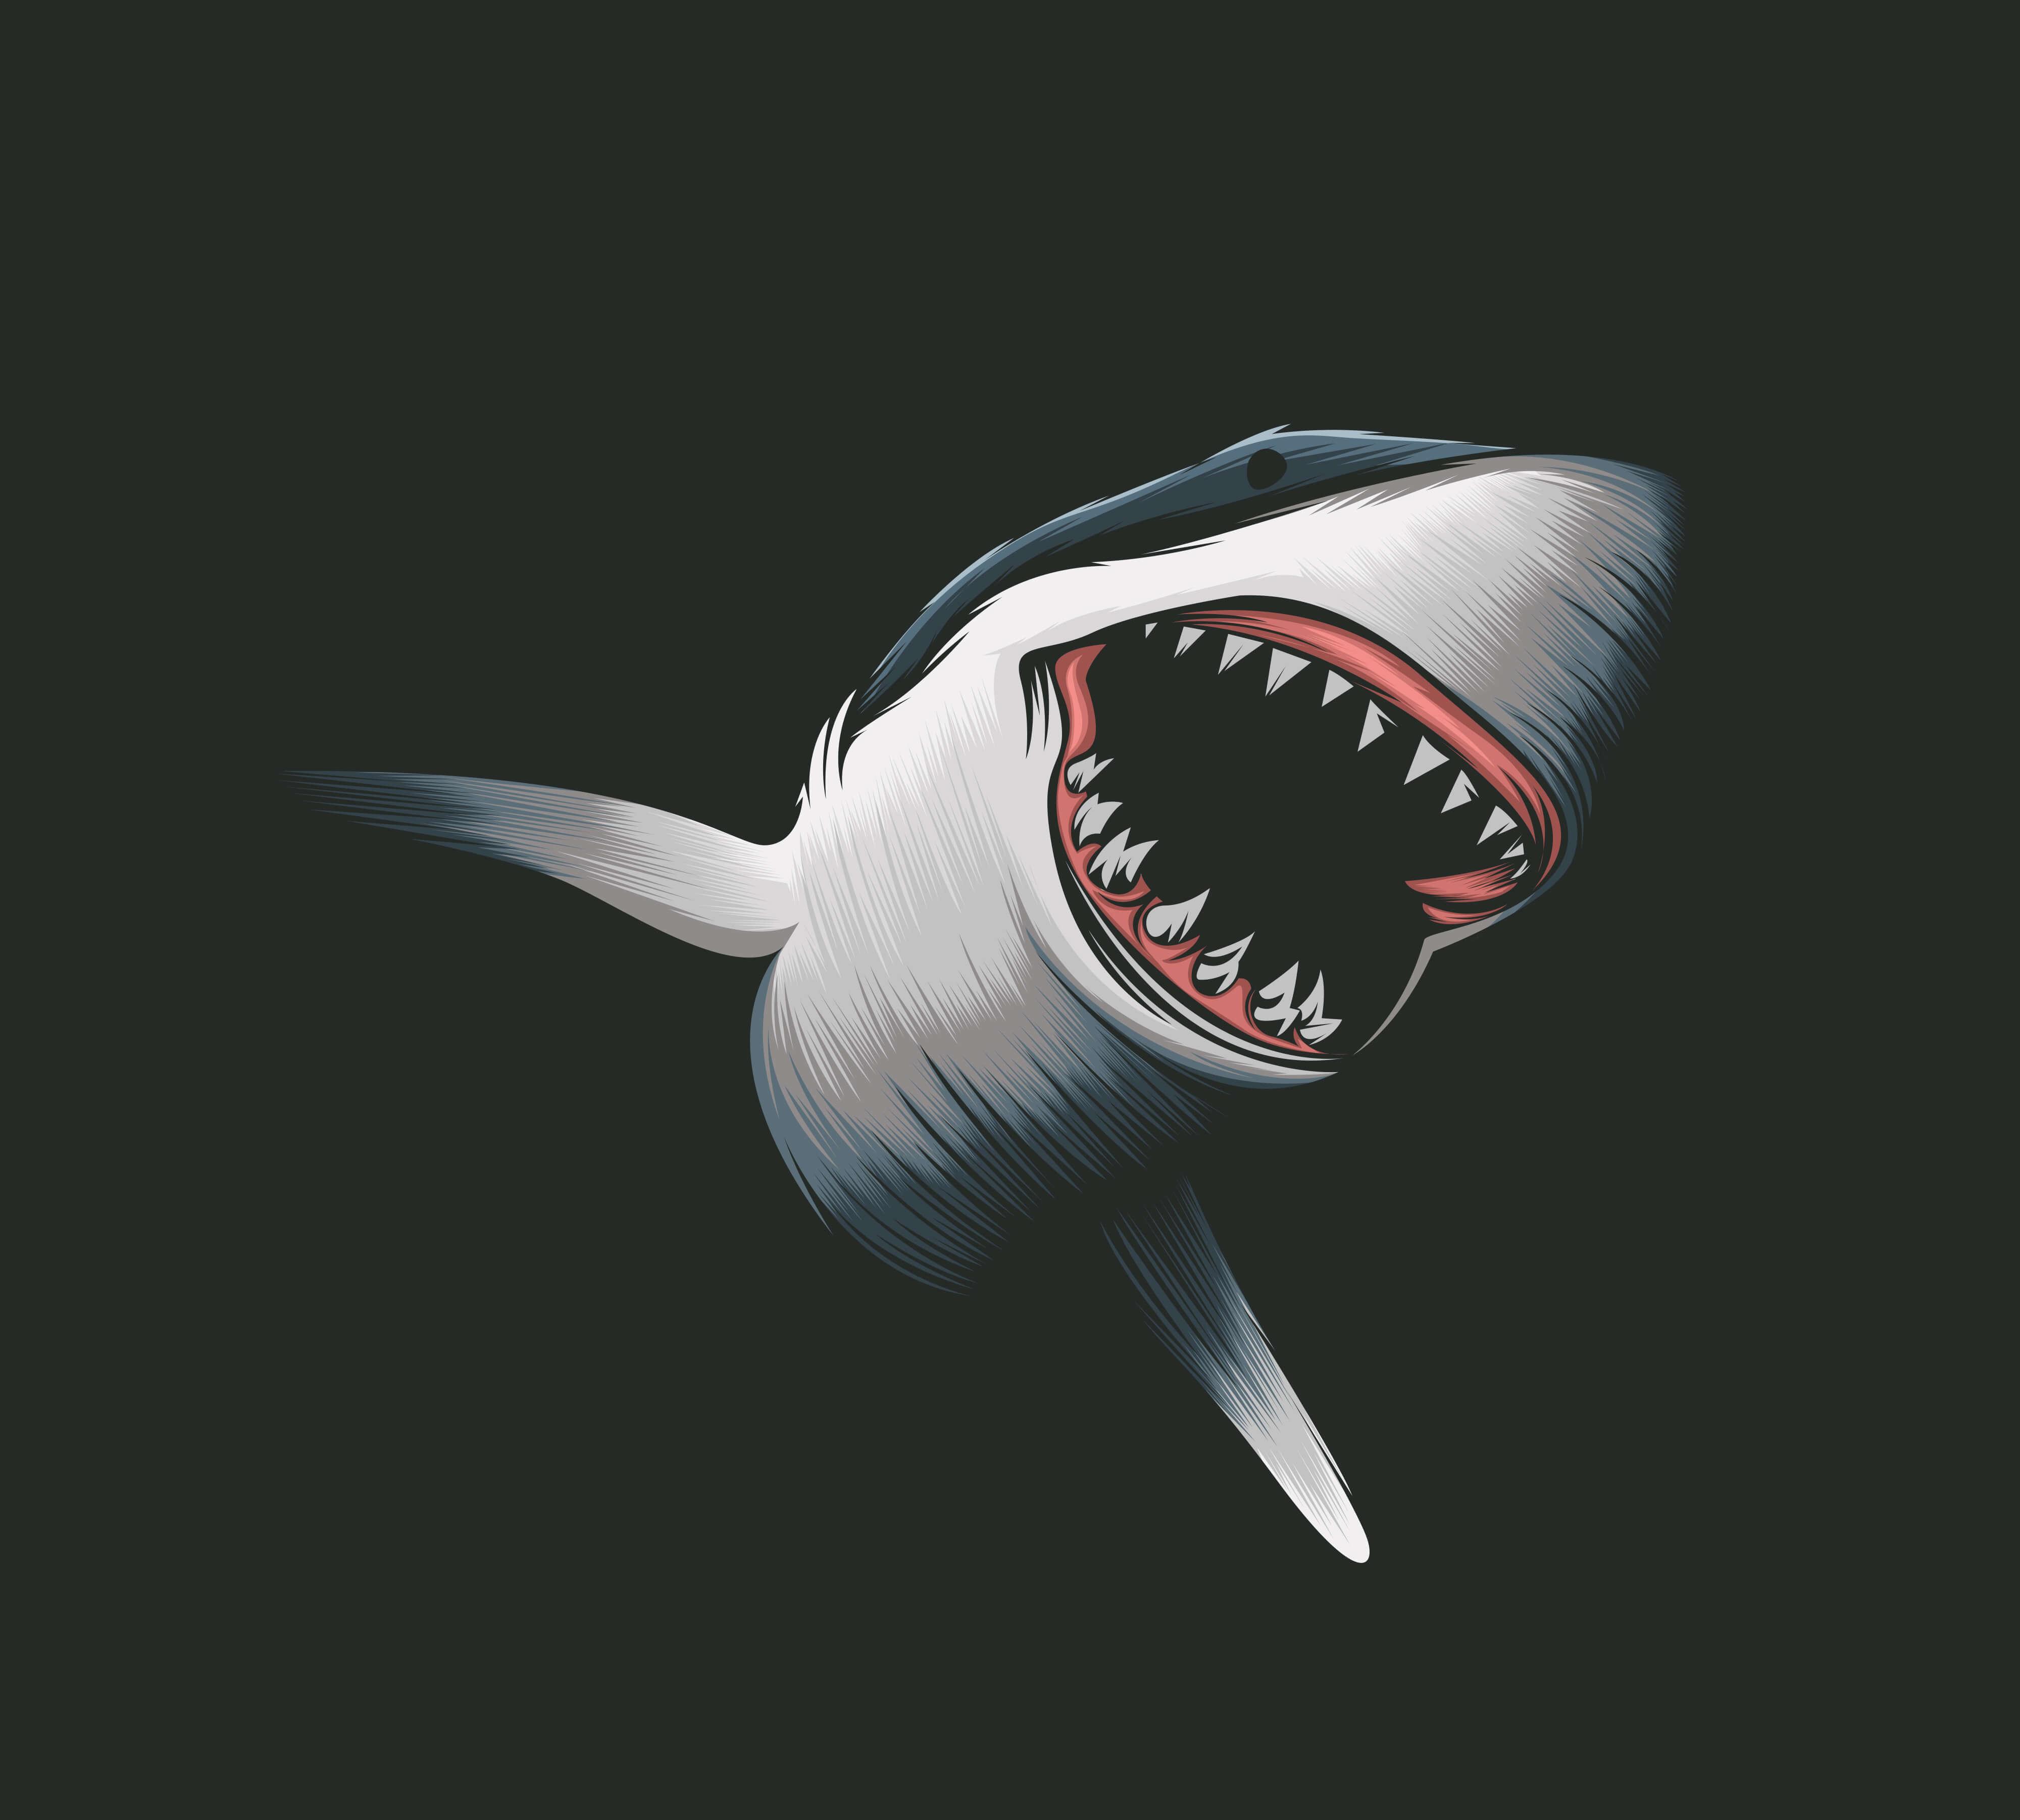 הכריש מריח דם? סטרטאפ בלוקציין גייס 100 אלף דולר בתוכנית טלויזיה SHARK TANK